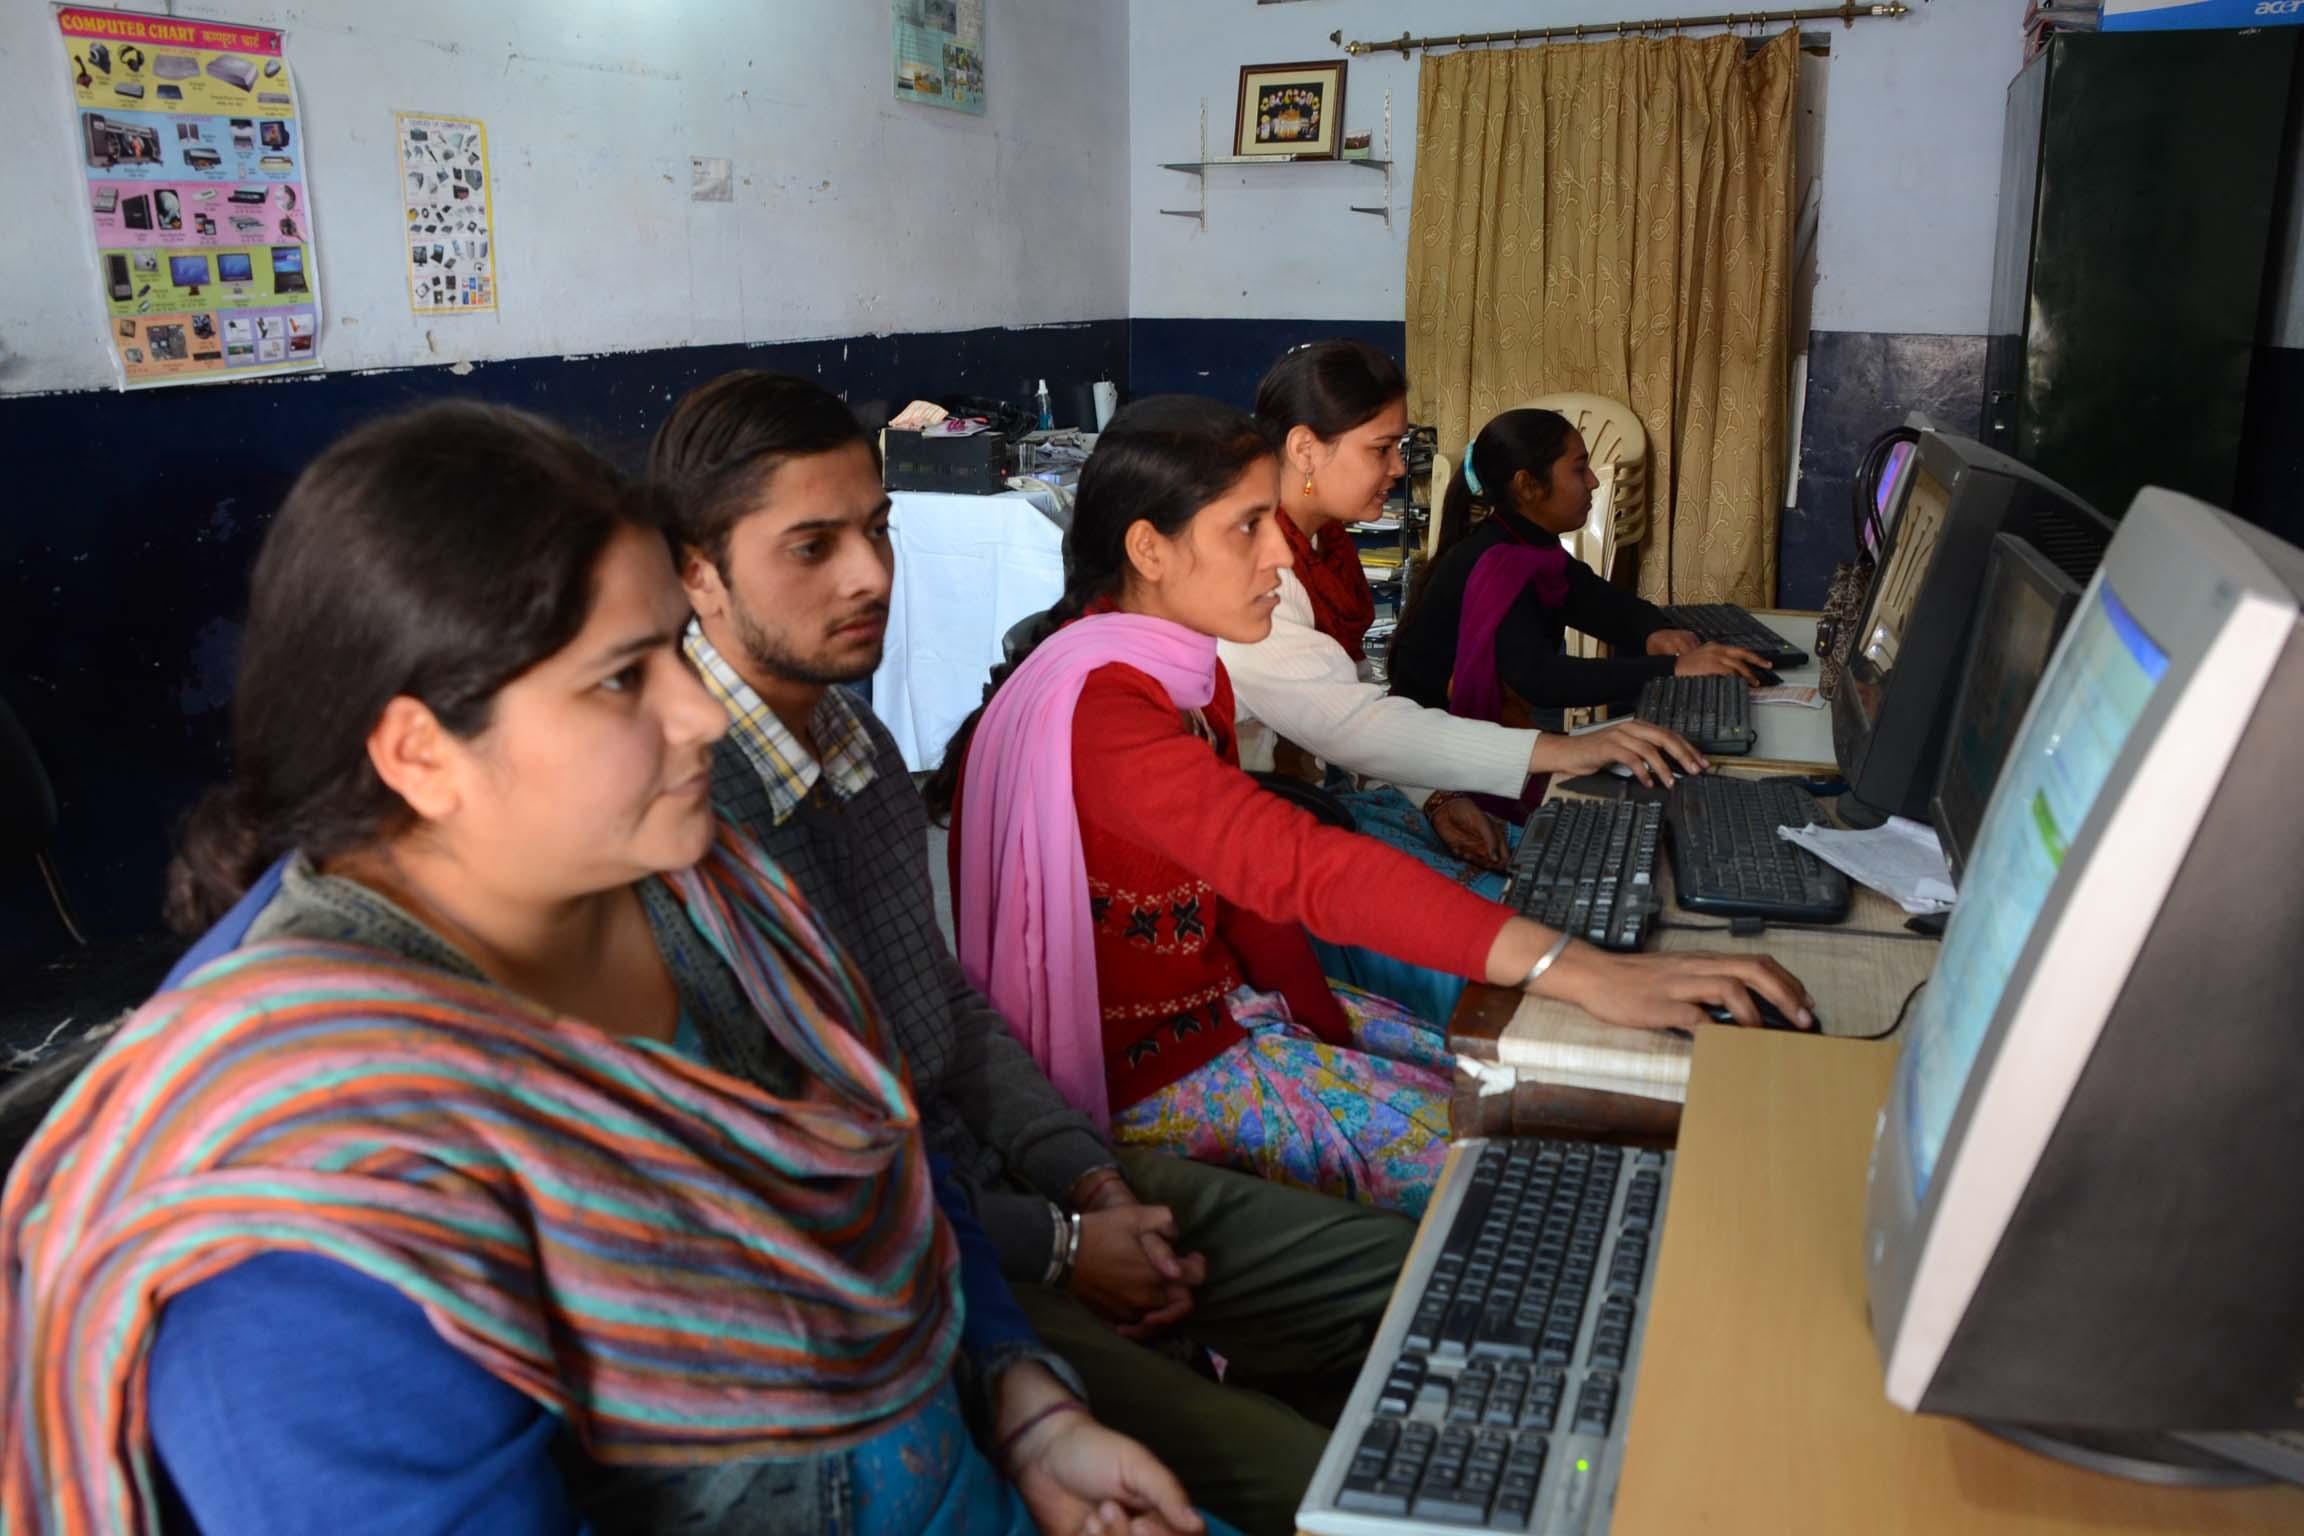 Sarkari Niyukti https://www.adb.org/careers/180134 Sarkari Niyukti - Government Jobs in India - सरकारी नियुक्ति | Image Courtesy - https://www.globalgiving.org/pfil/15712/pict_original.jpg